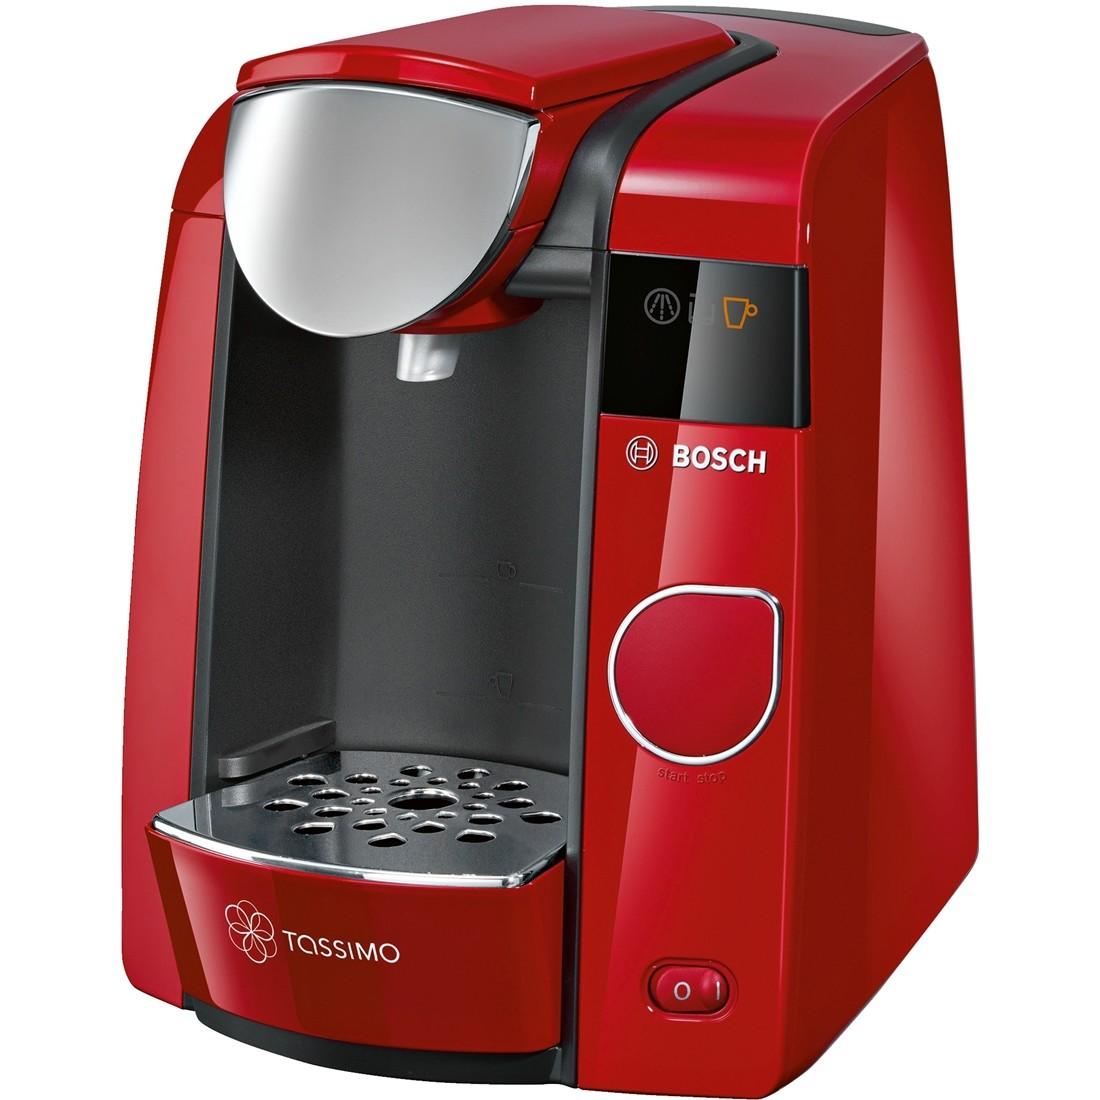 kávovar BOSCH Tassimo TAS4503